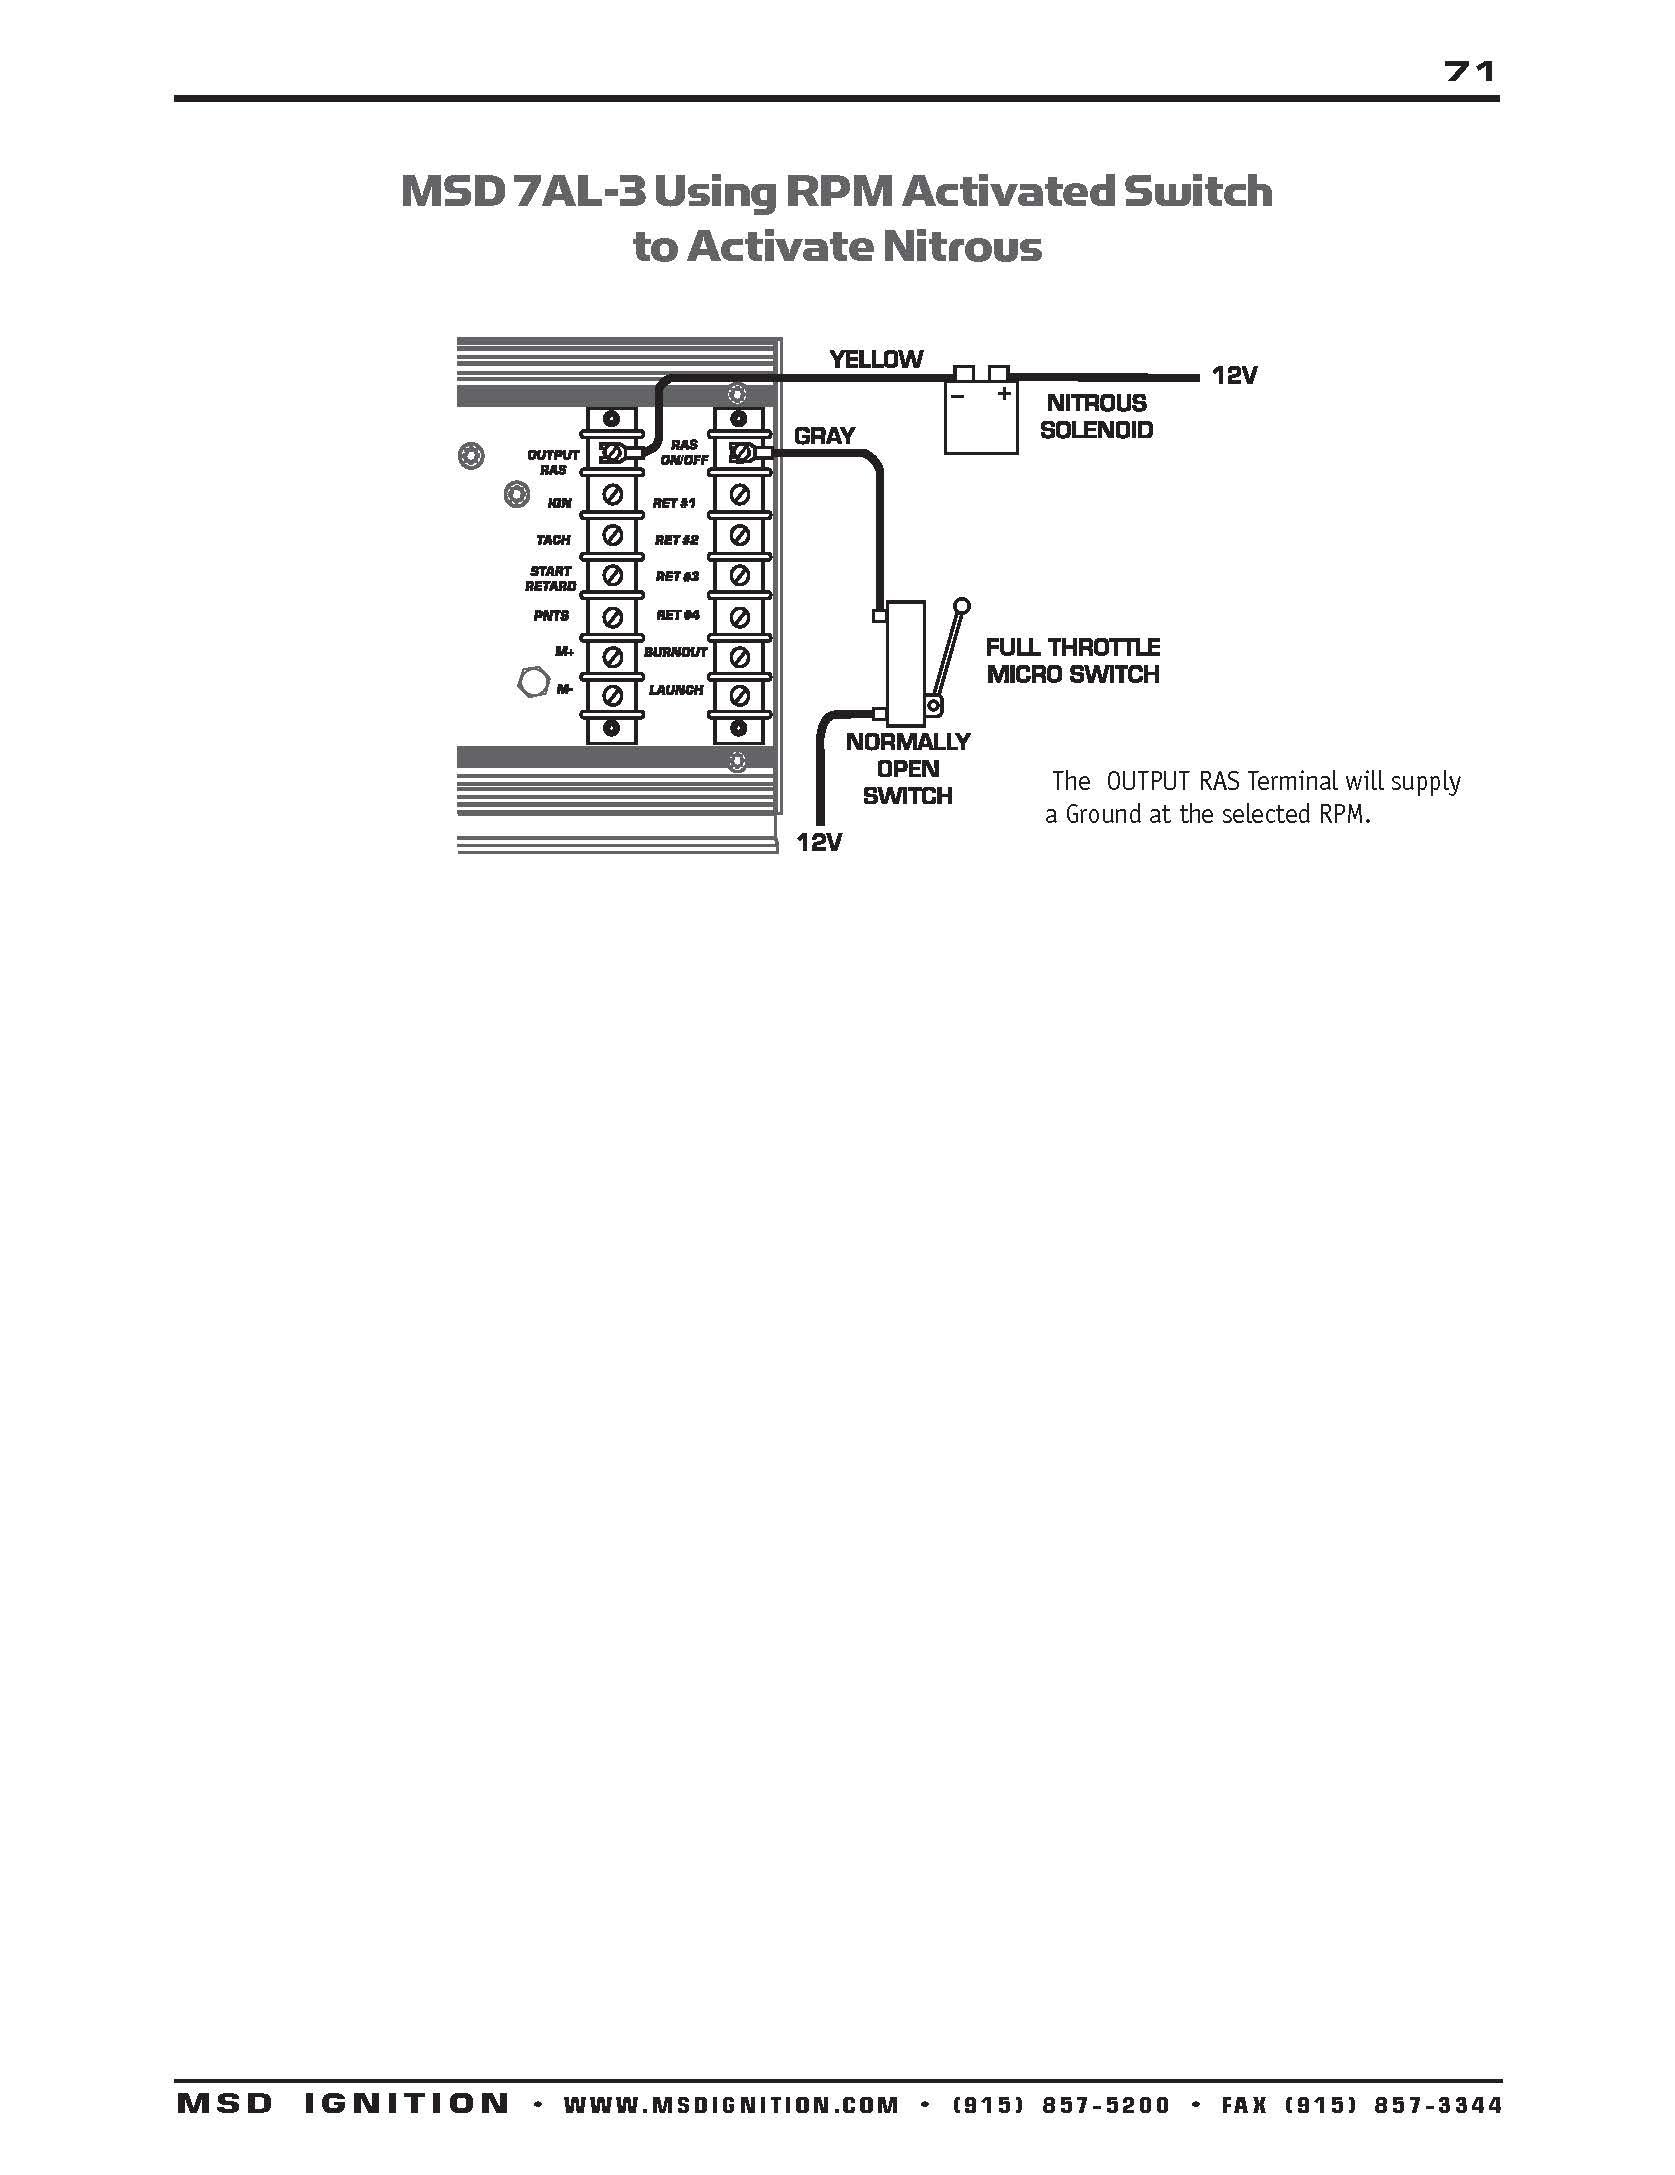 msd wiring diagram msd nitrous wiring diagrams e2 wiring diagram msd wiring diagrams and technotes msd nitrous wiring diagrams e2 wiring